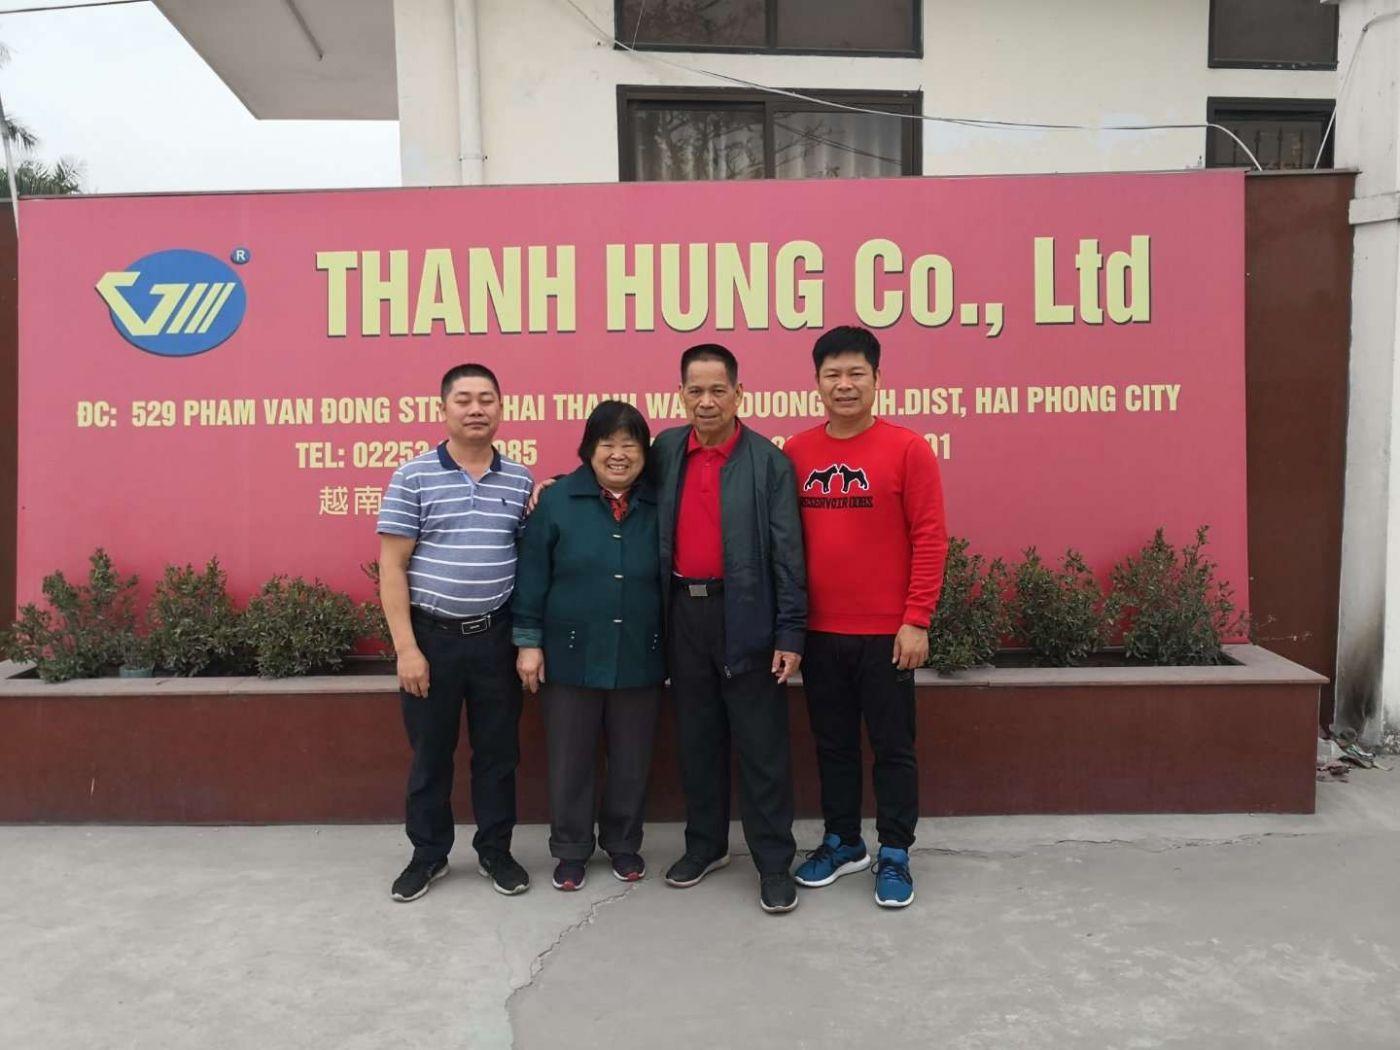 脚比路长——广海大越南分厂纪行_图1-1